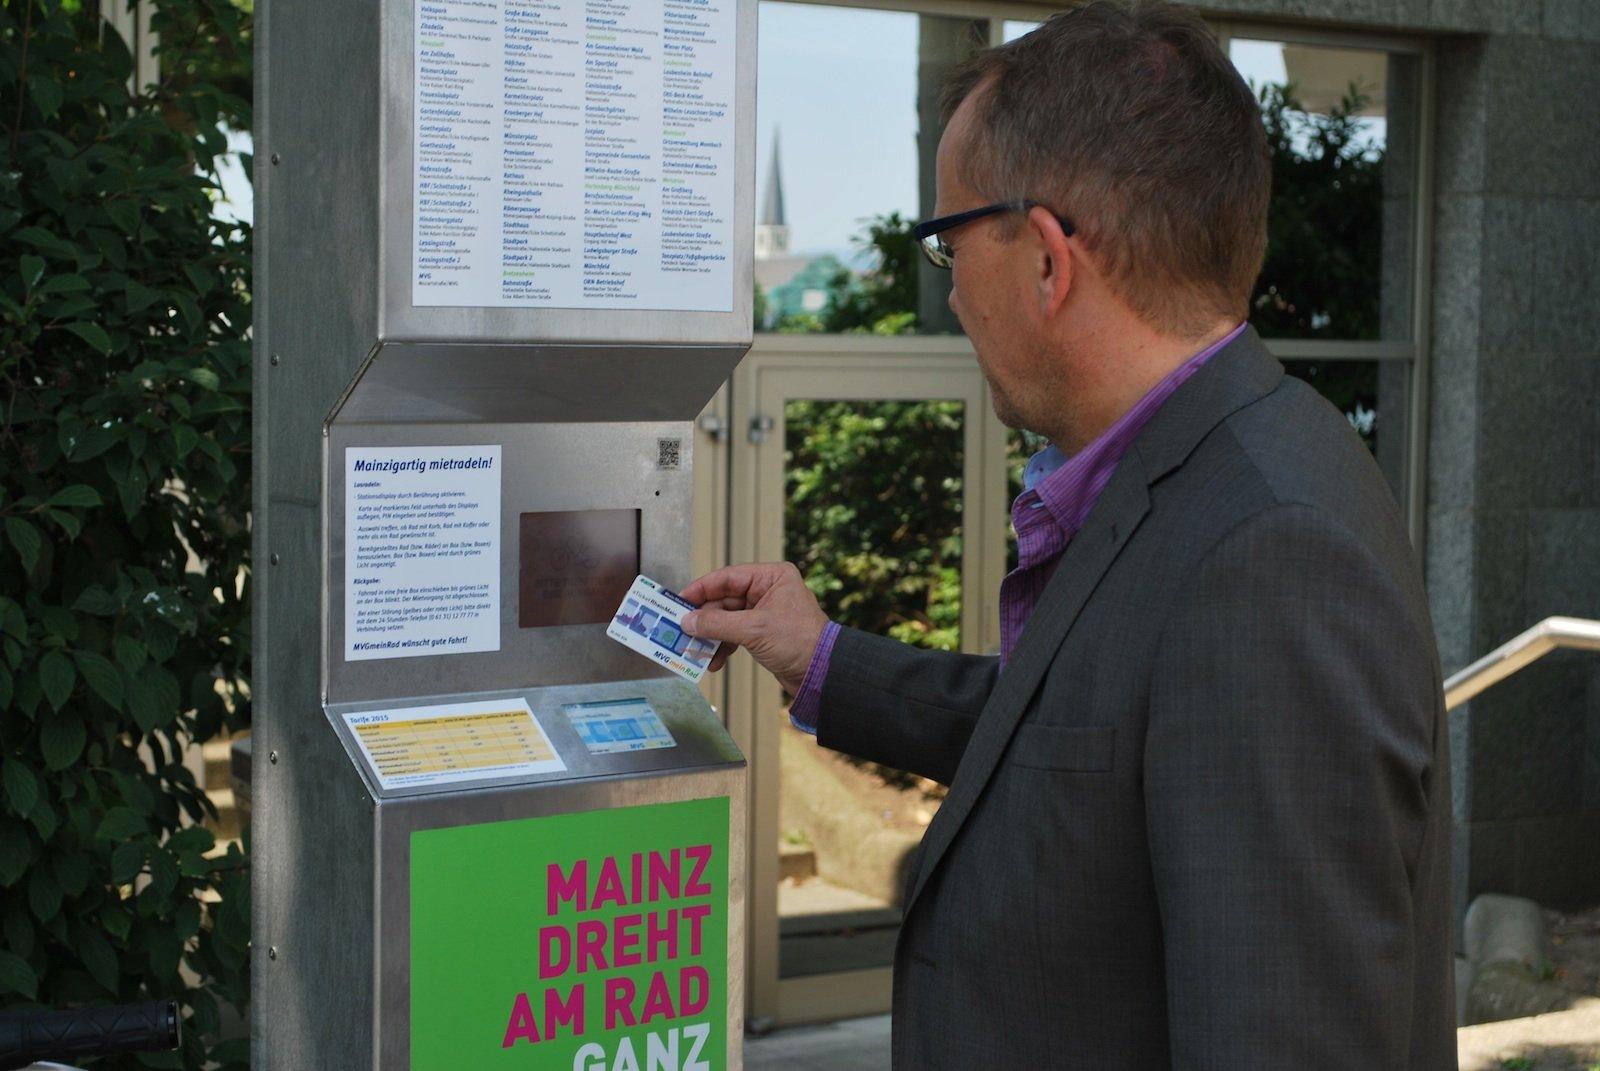 Wichtig ist es, das Ausleihen unkompliziert zu gestalten. In Mainz werden die Kunden nach dem Auflegen der Kundenkarte völlig automatisch durch den Mietvorgang geführt. Dabei kann der Kunde bis zu vier Fahrräder gleichzeitig mieten. Dem Familienausflug per Drahtesel steht also in Mainz nichts entgegen.